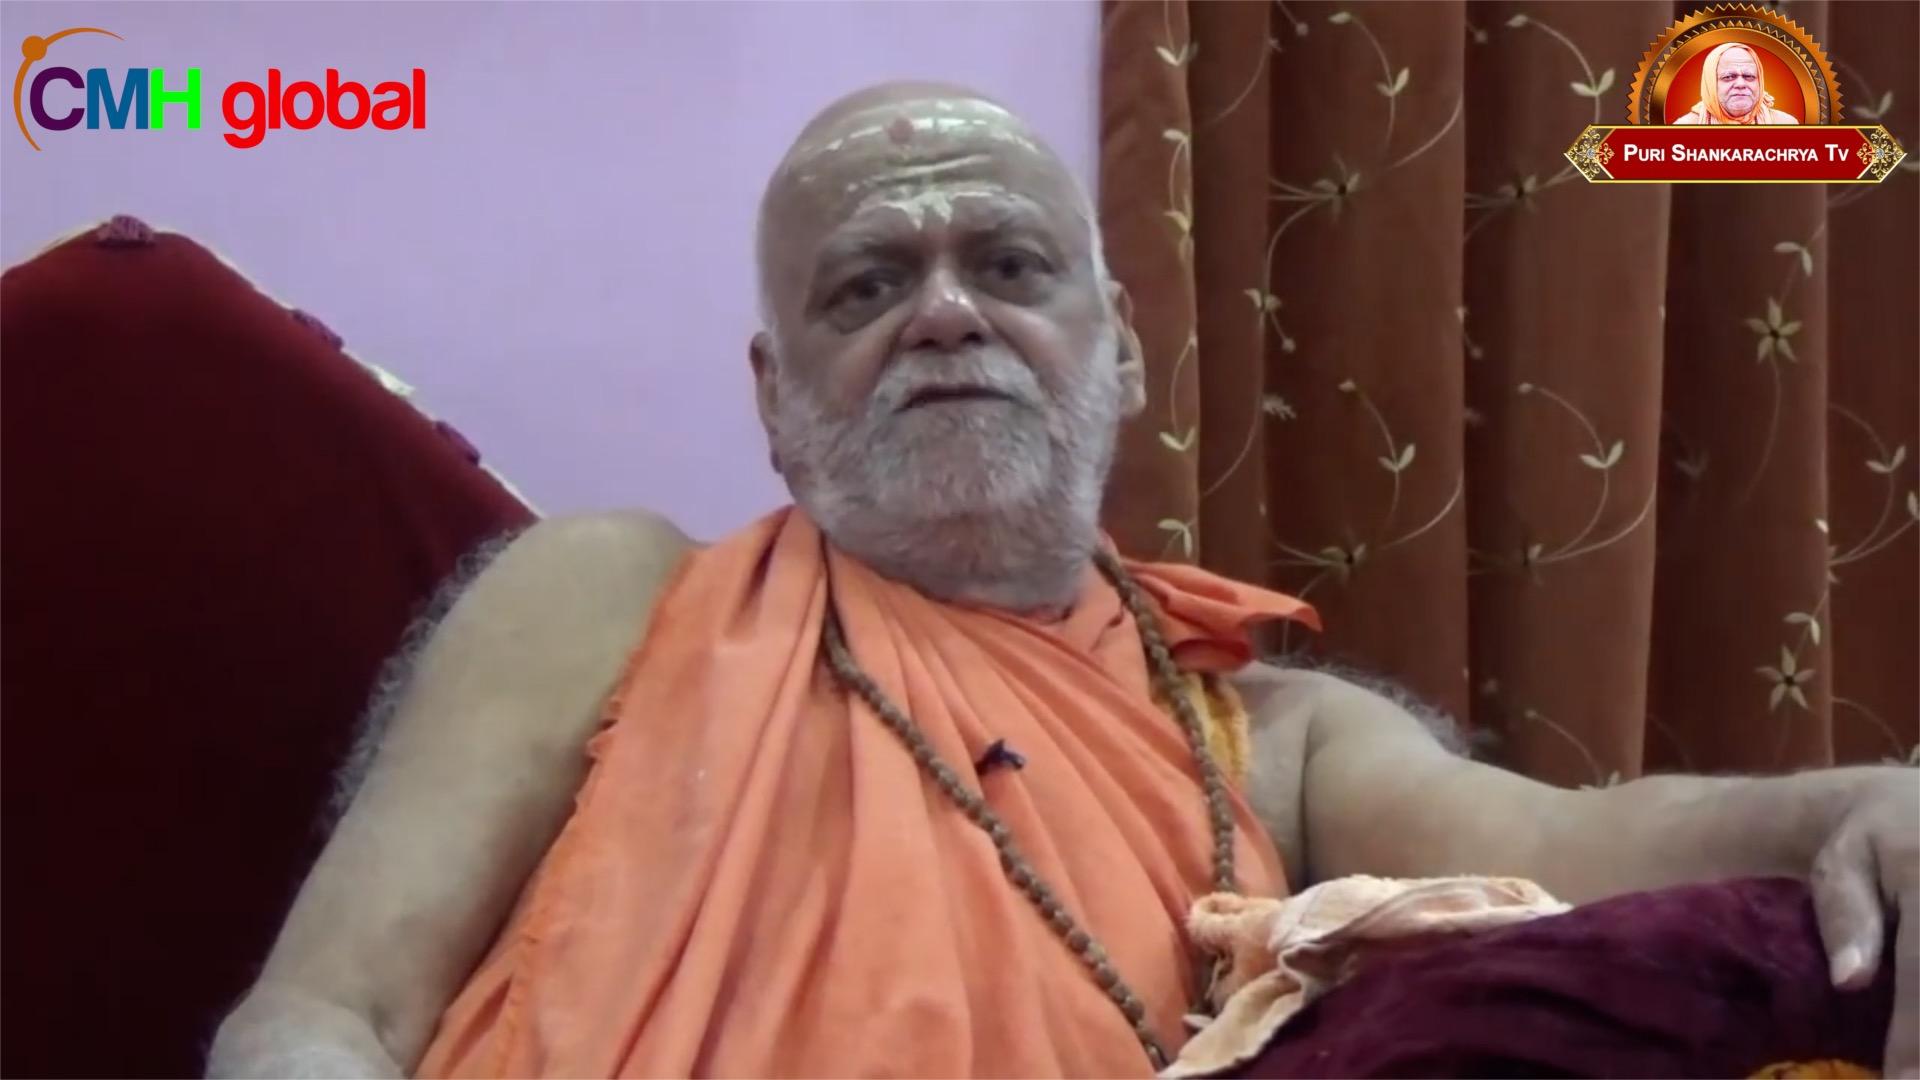 Gyan Dhara Ep -42 by Puri Shankaracharya Swami Nishchalananda Saraswati Ji